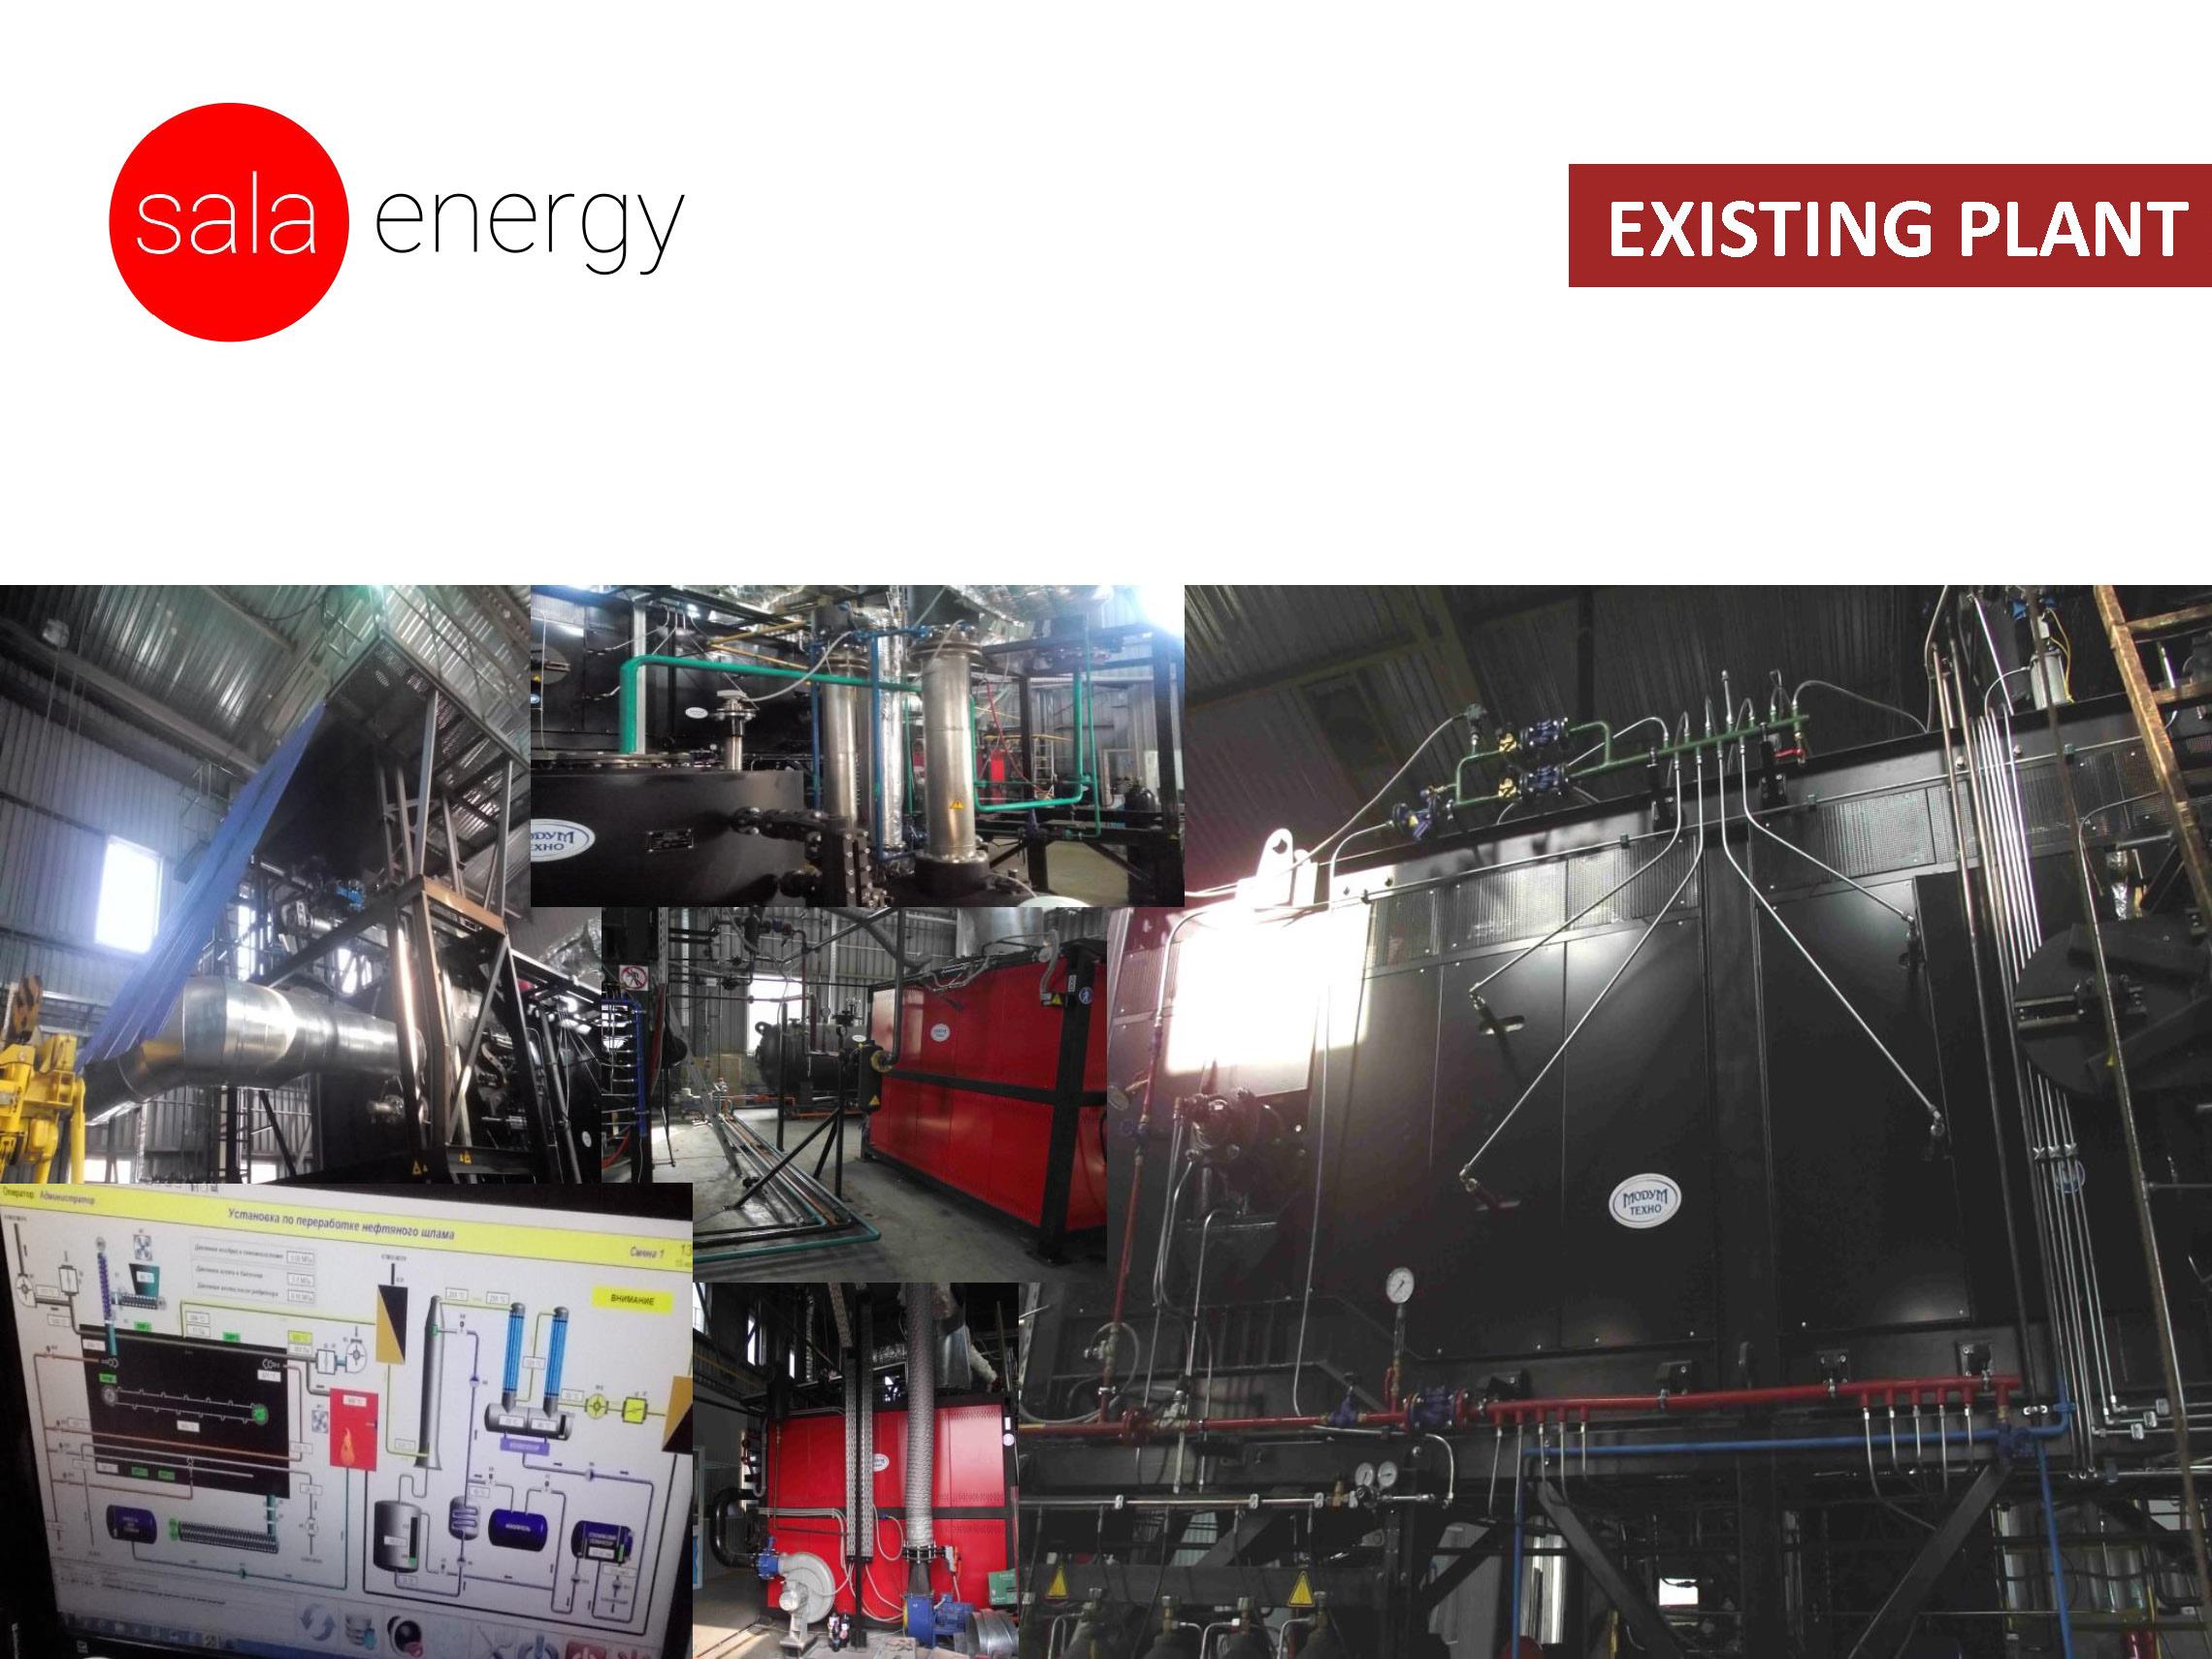 Oil sludge_Sala Energy_Page_6